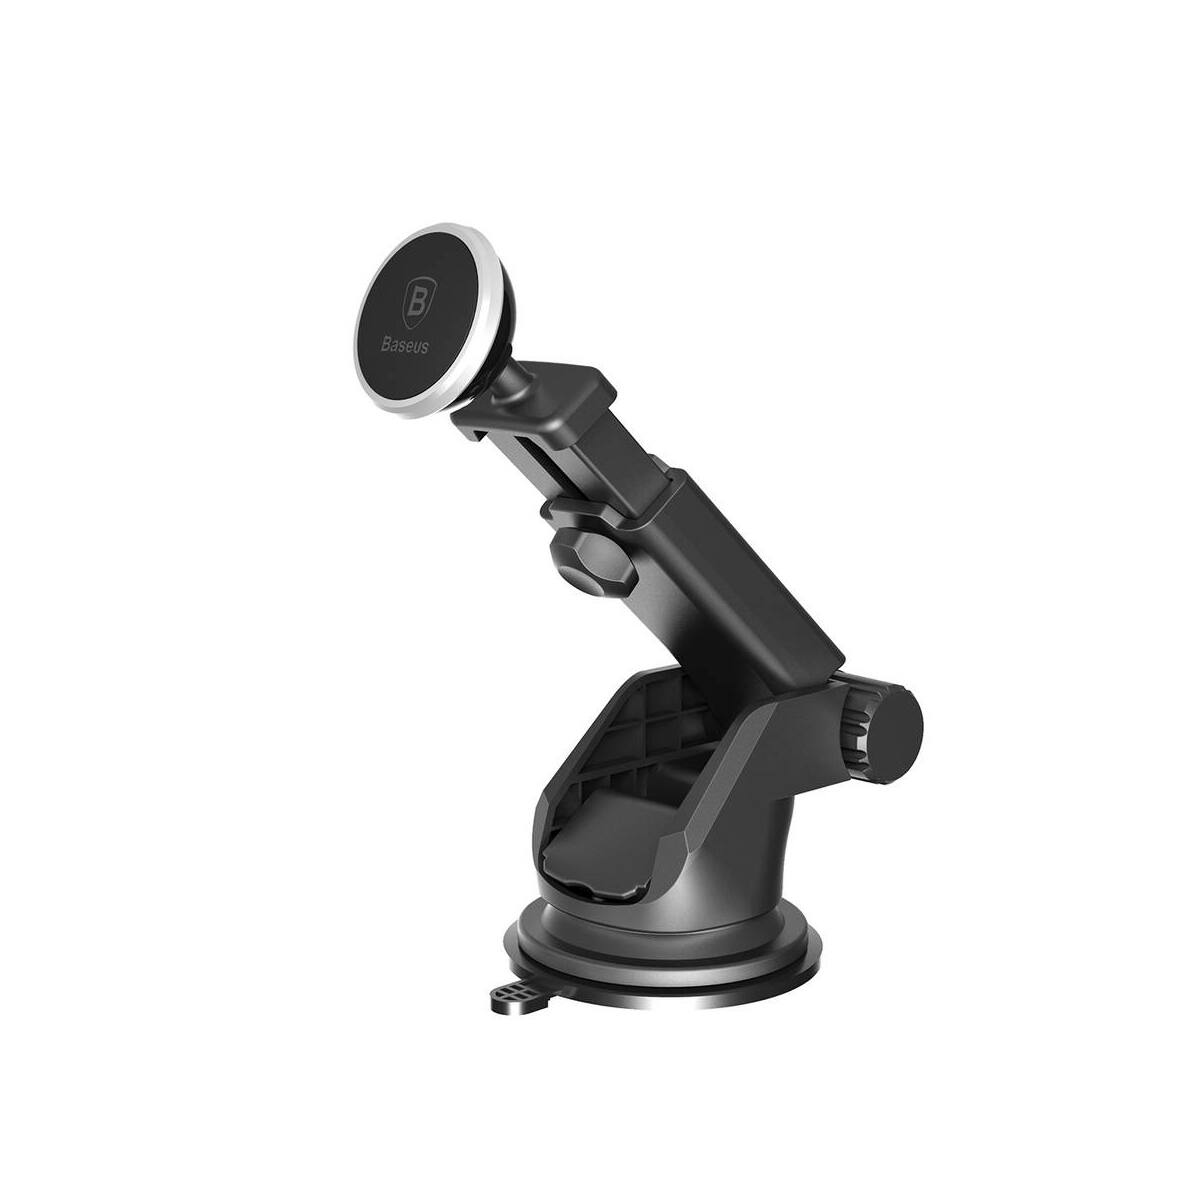 Baseus autós telefon tartó, Solid series, kihúzható teleszkópos, mágneses, műszerfalra, ezüst (SULX-0S)